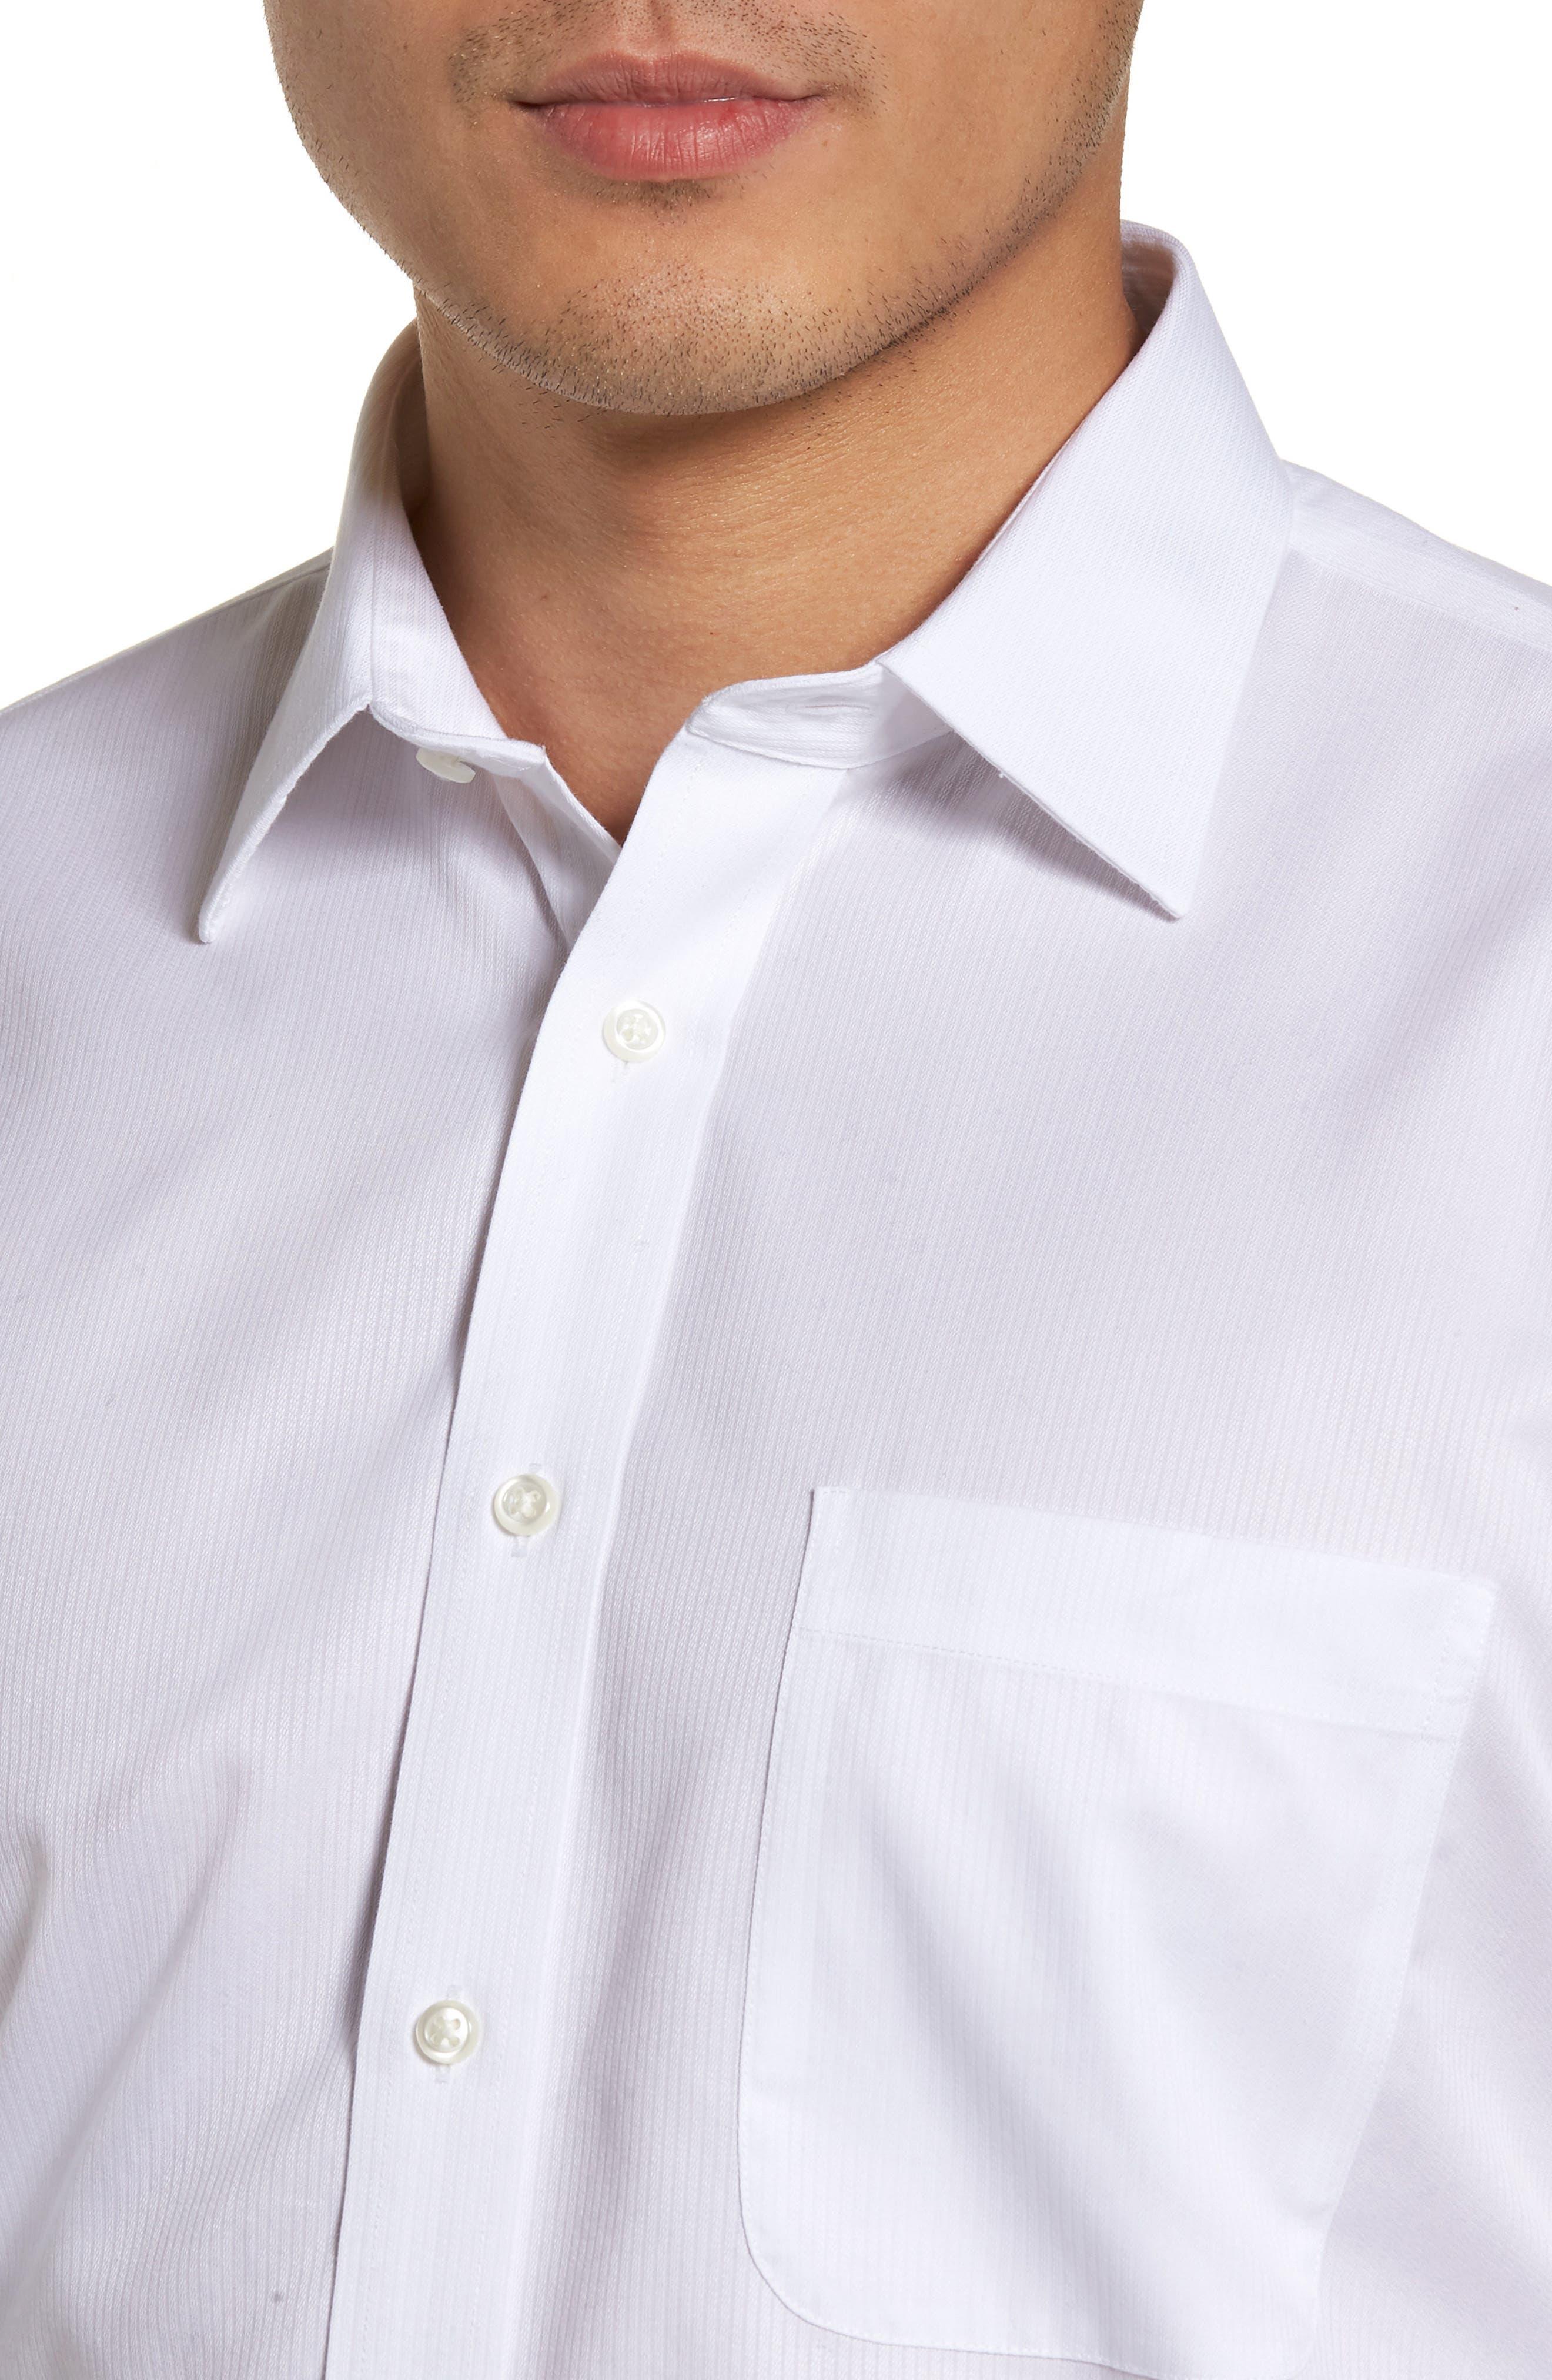 Smartcare<sup>™</sup> Trim Fit Dress Shirt,                             Alternate thumbnail 2, color,                             WHITE